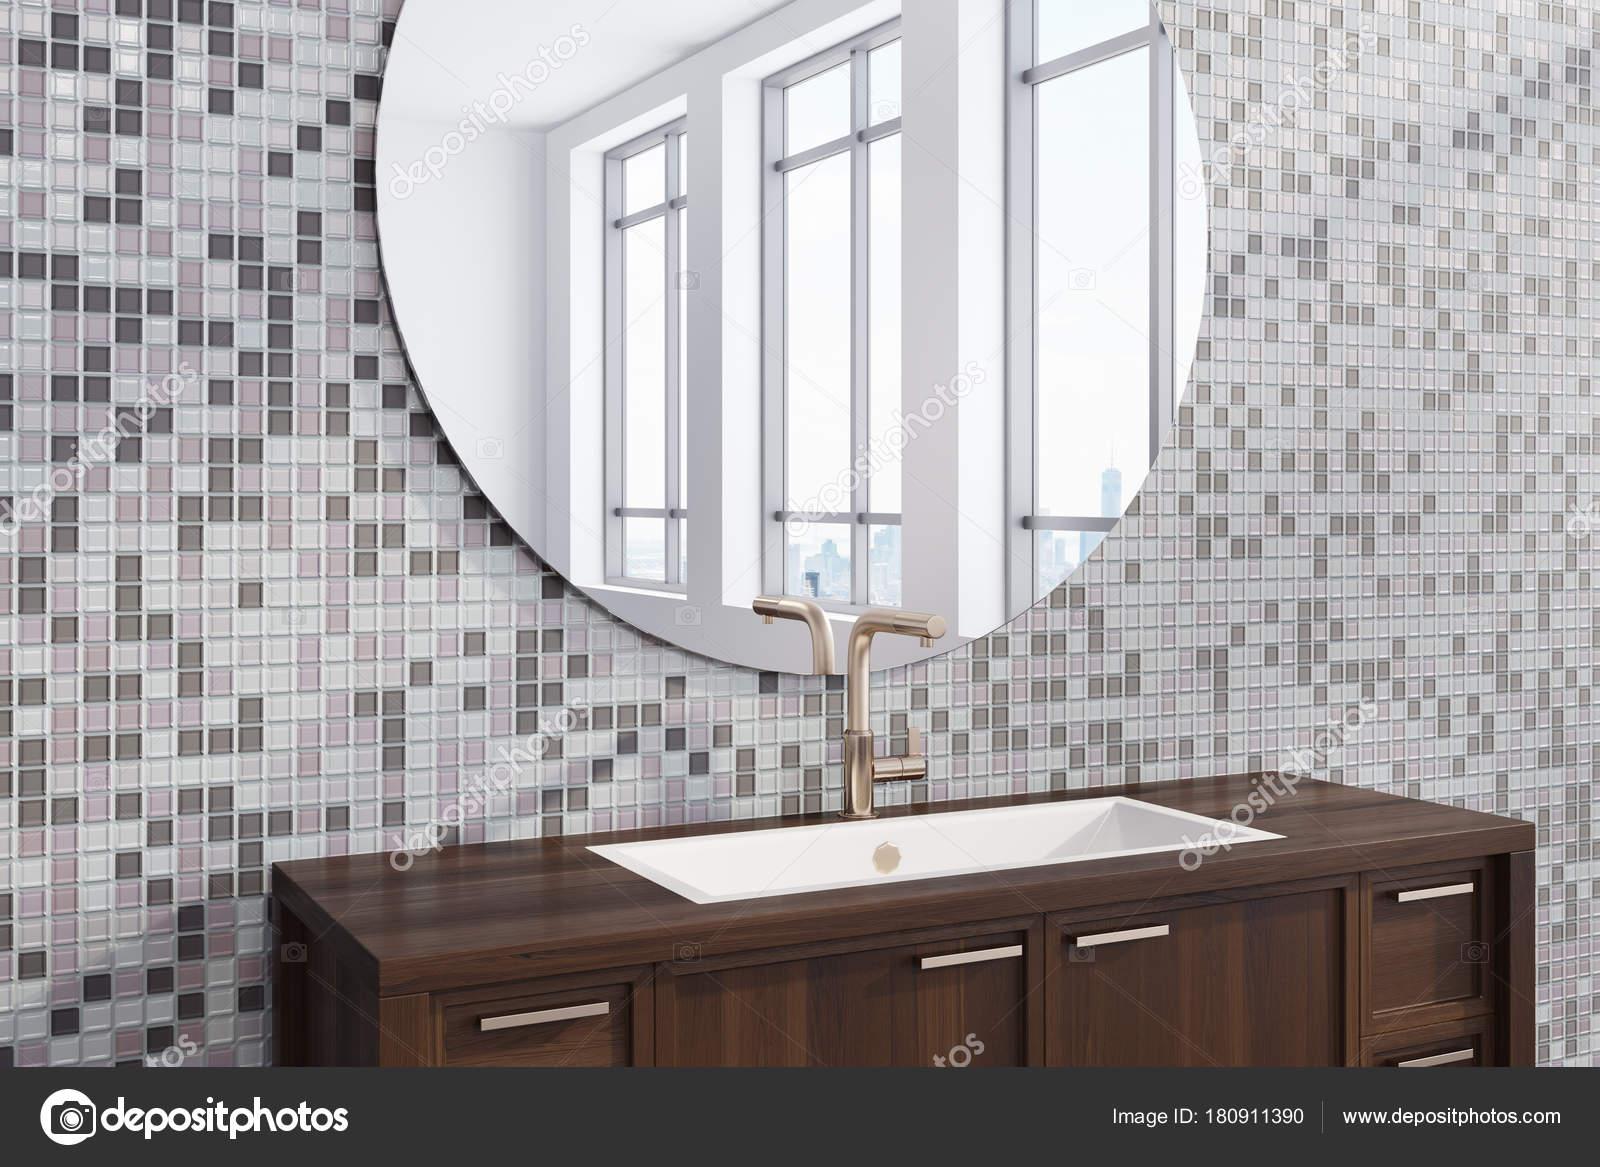 Badkamer Grijze Tegels : Grijze tegels badkamer wastafel kant u2014 stockfoto © denisismagilov